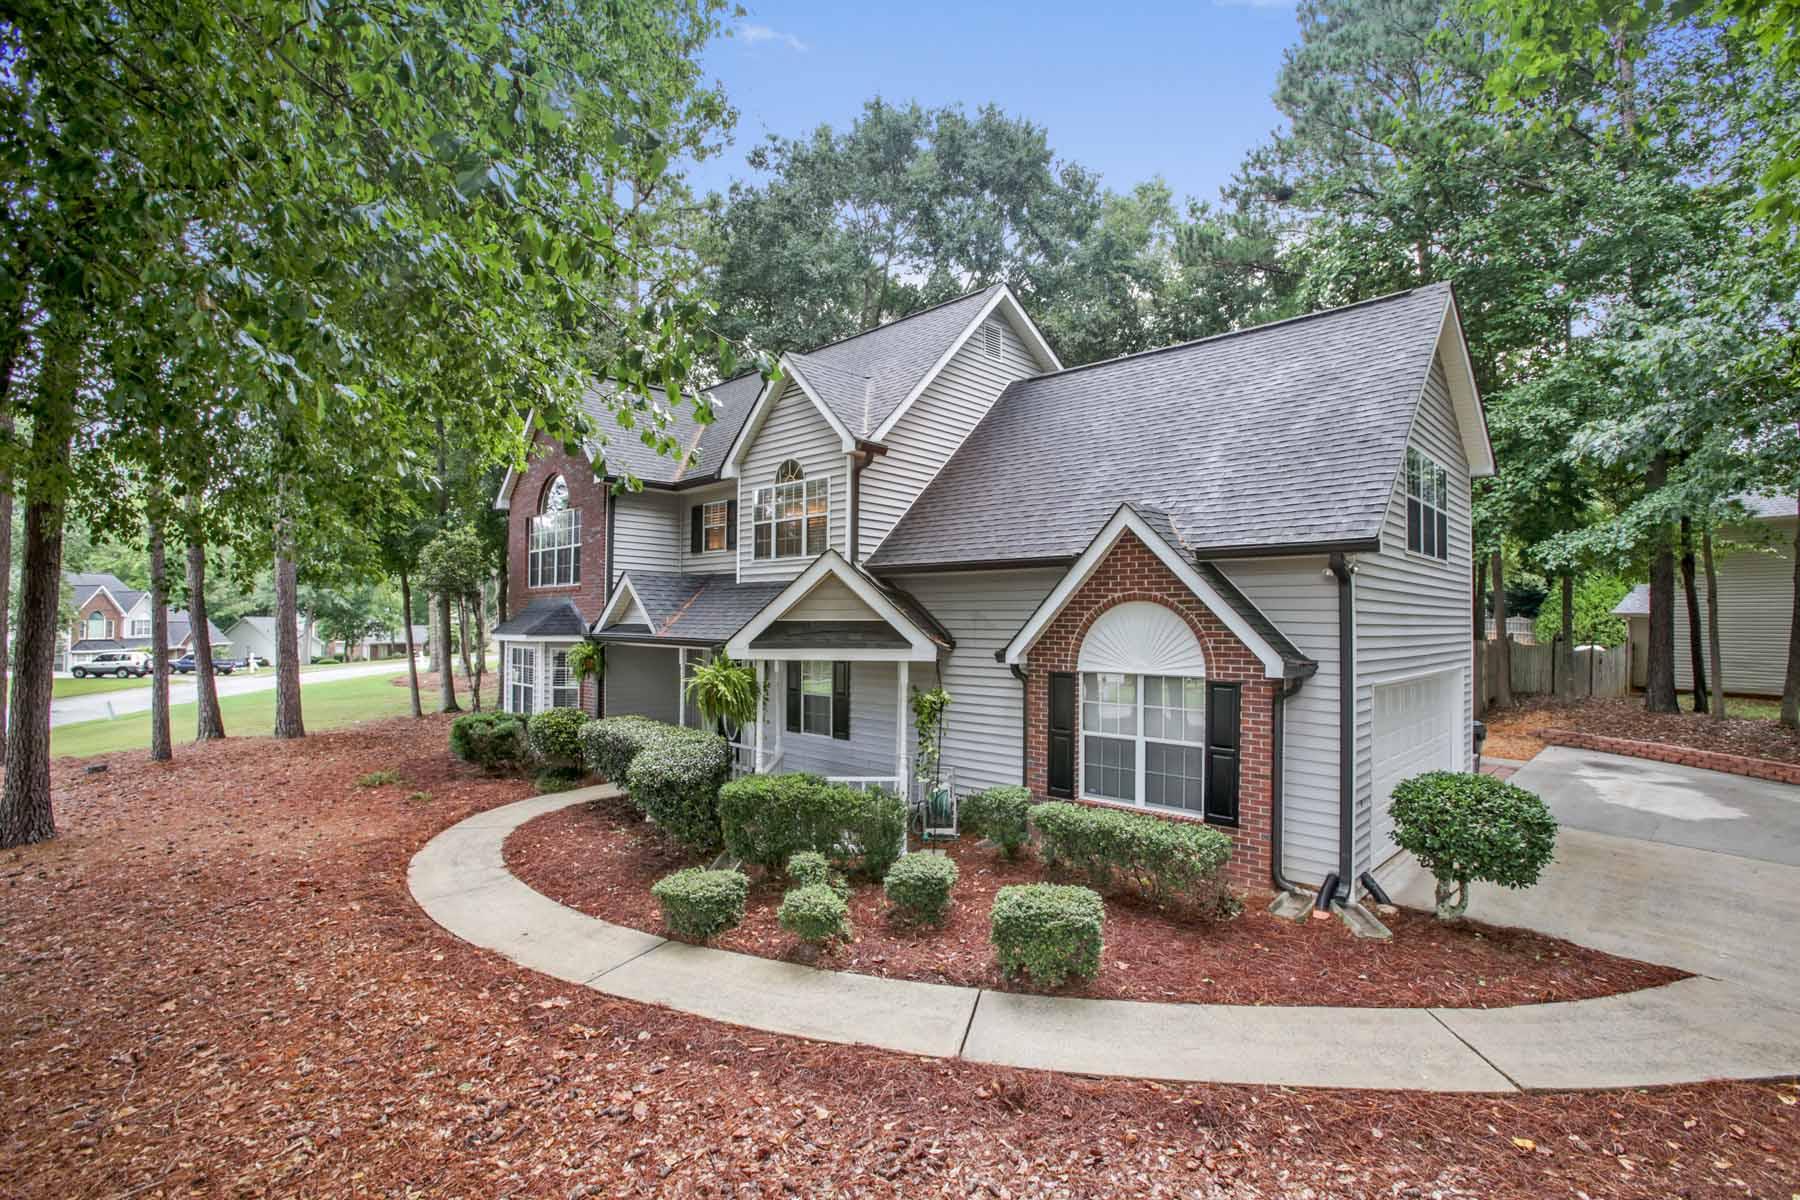 Tek Ailelik Ev için Satış at Beautiful Home Nestled in the Wonderful Waterford Green Neighborhood 142 Chadwick Drive Peachtree City, Georgia, 30269 Amerika Birleşik Devletleri